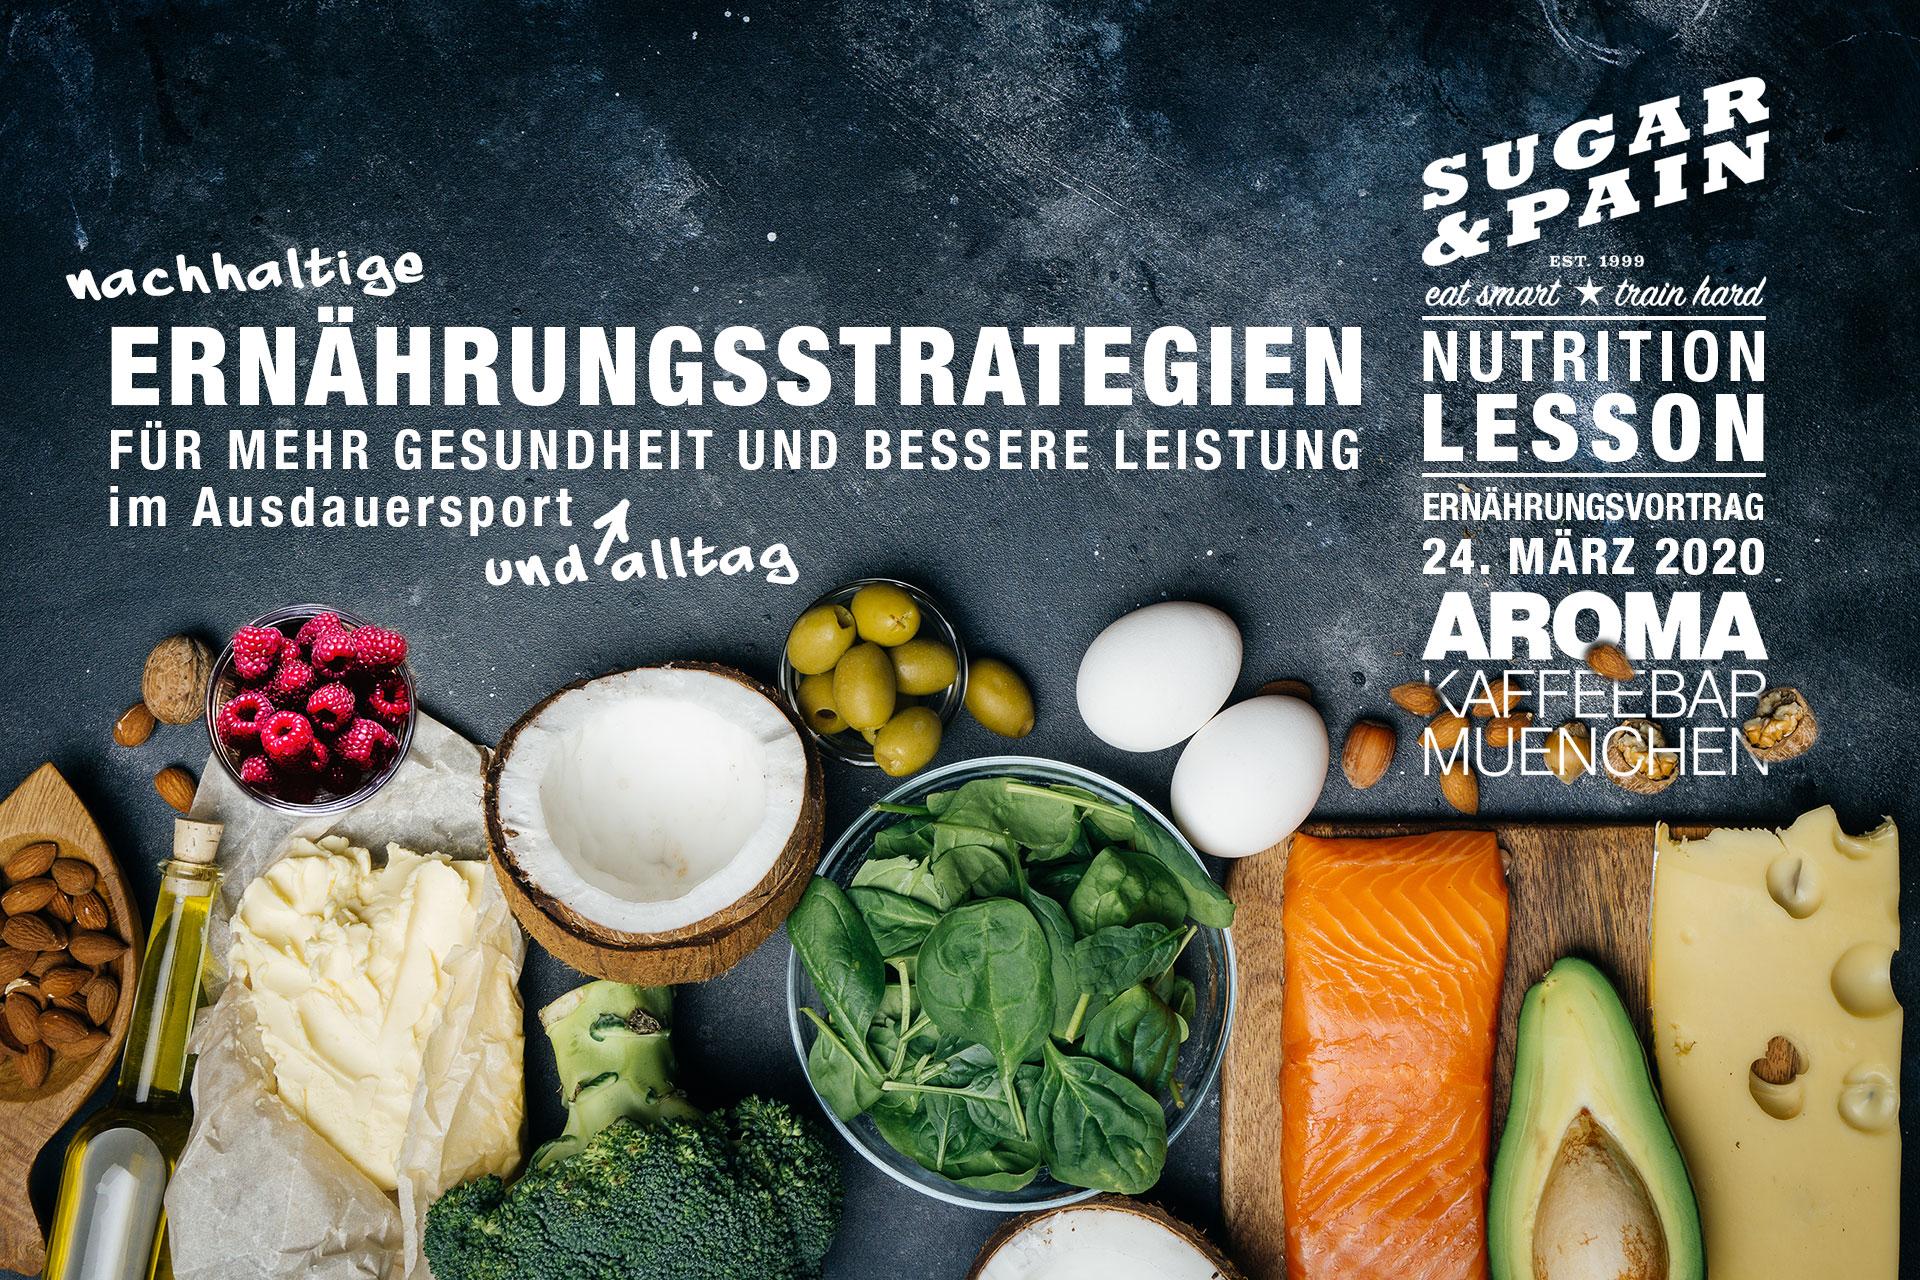 Nachhaltige Ernährungsstrategien für mehr Gesundheit und bessere Leistung © Adobe Stock